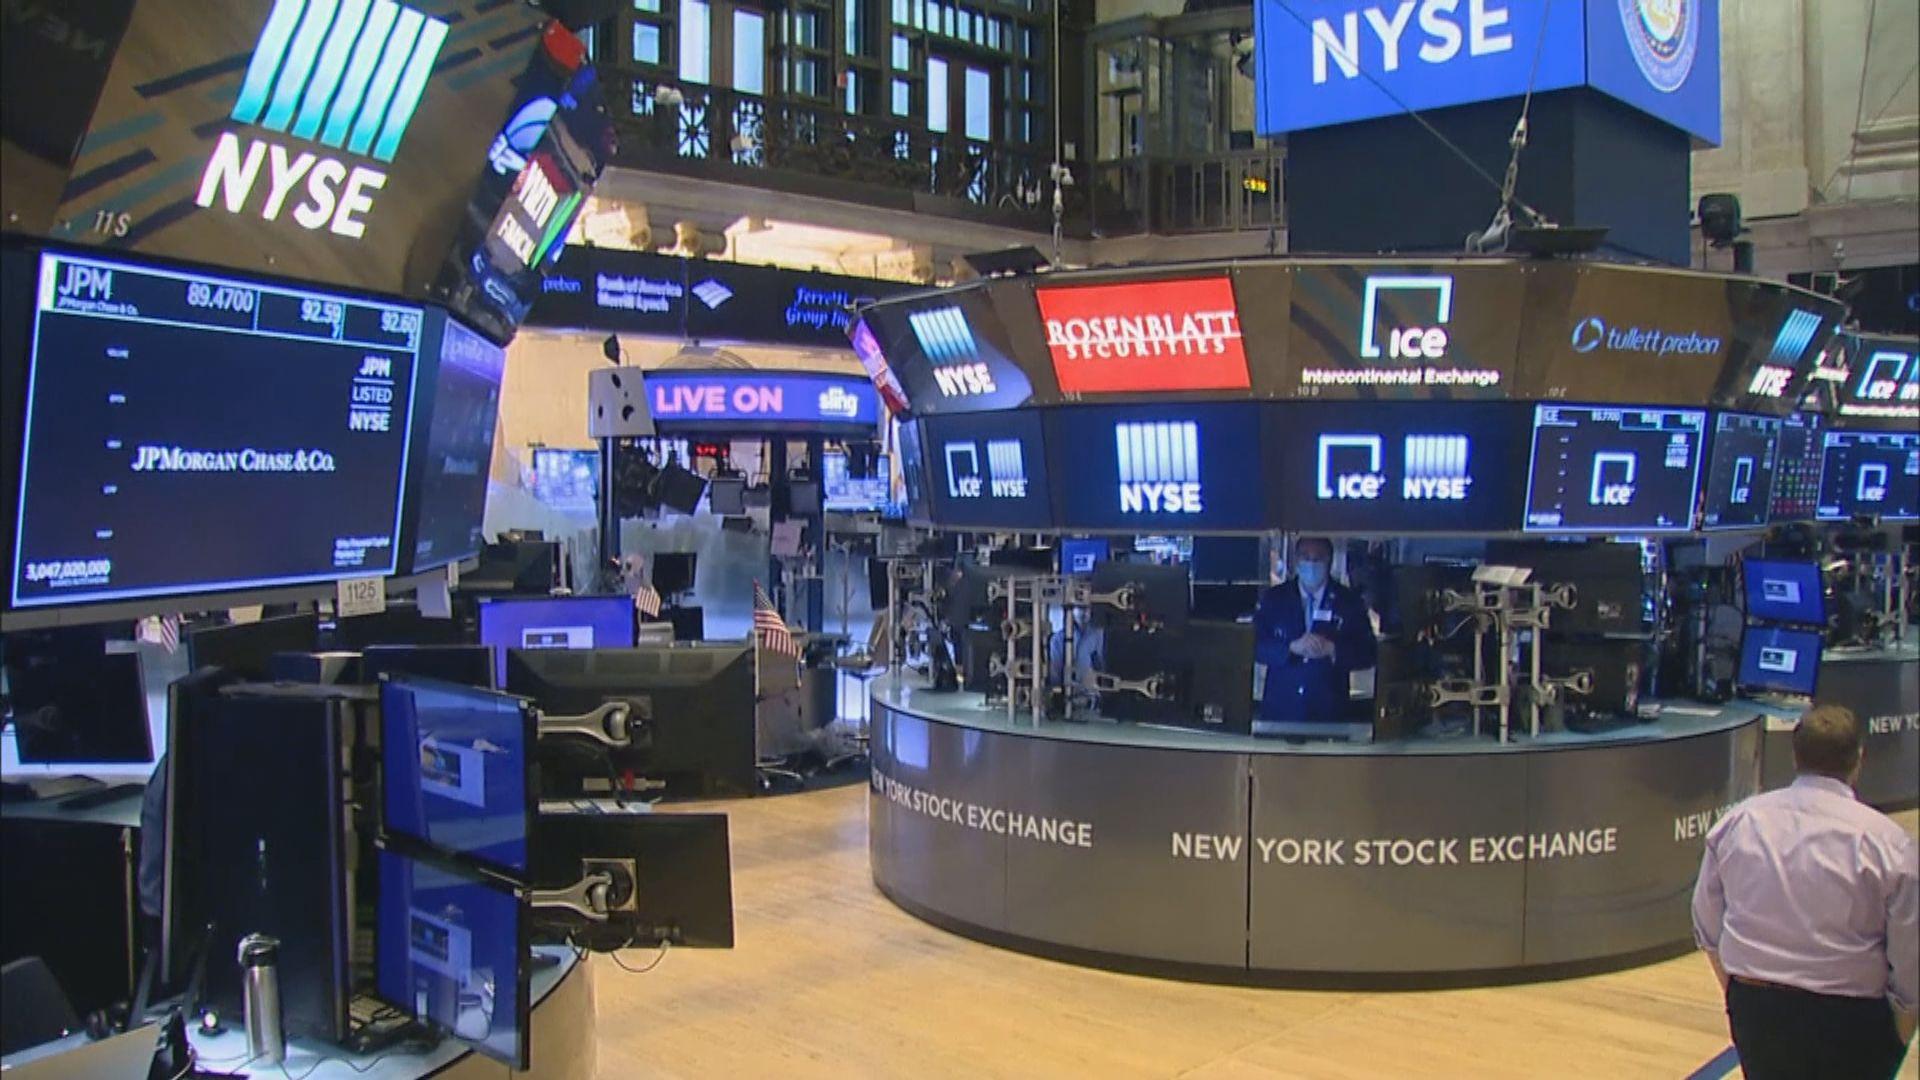 紐約證券交易所大堂局部重開